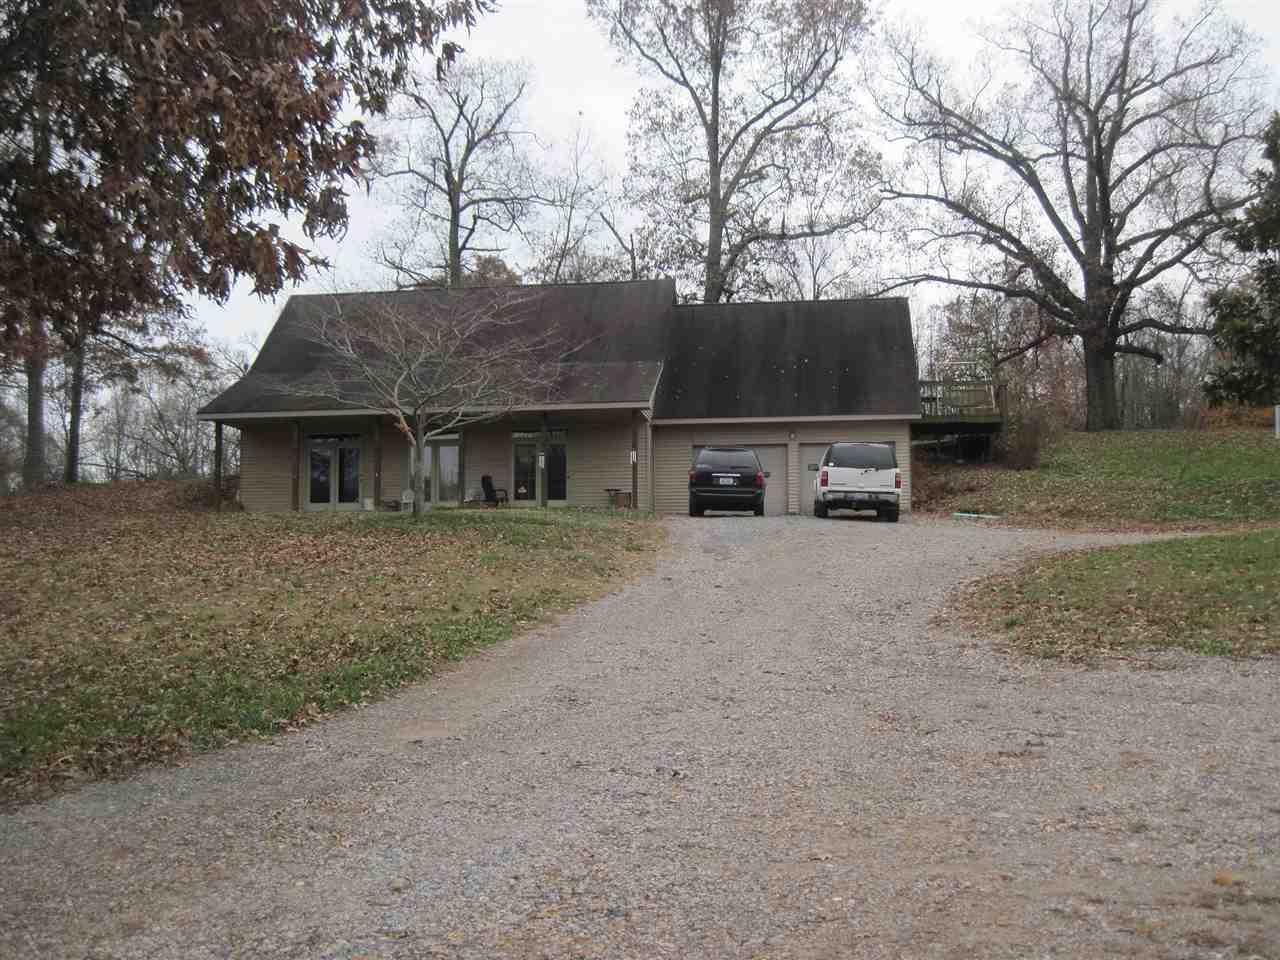 Real Estate for Sale, ListingId: 36407140, Gilbertsville,KY42044